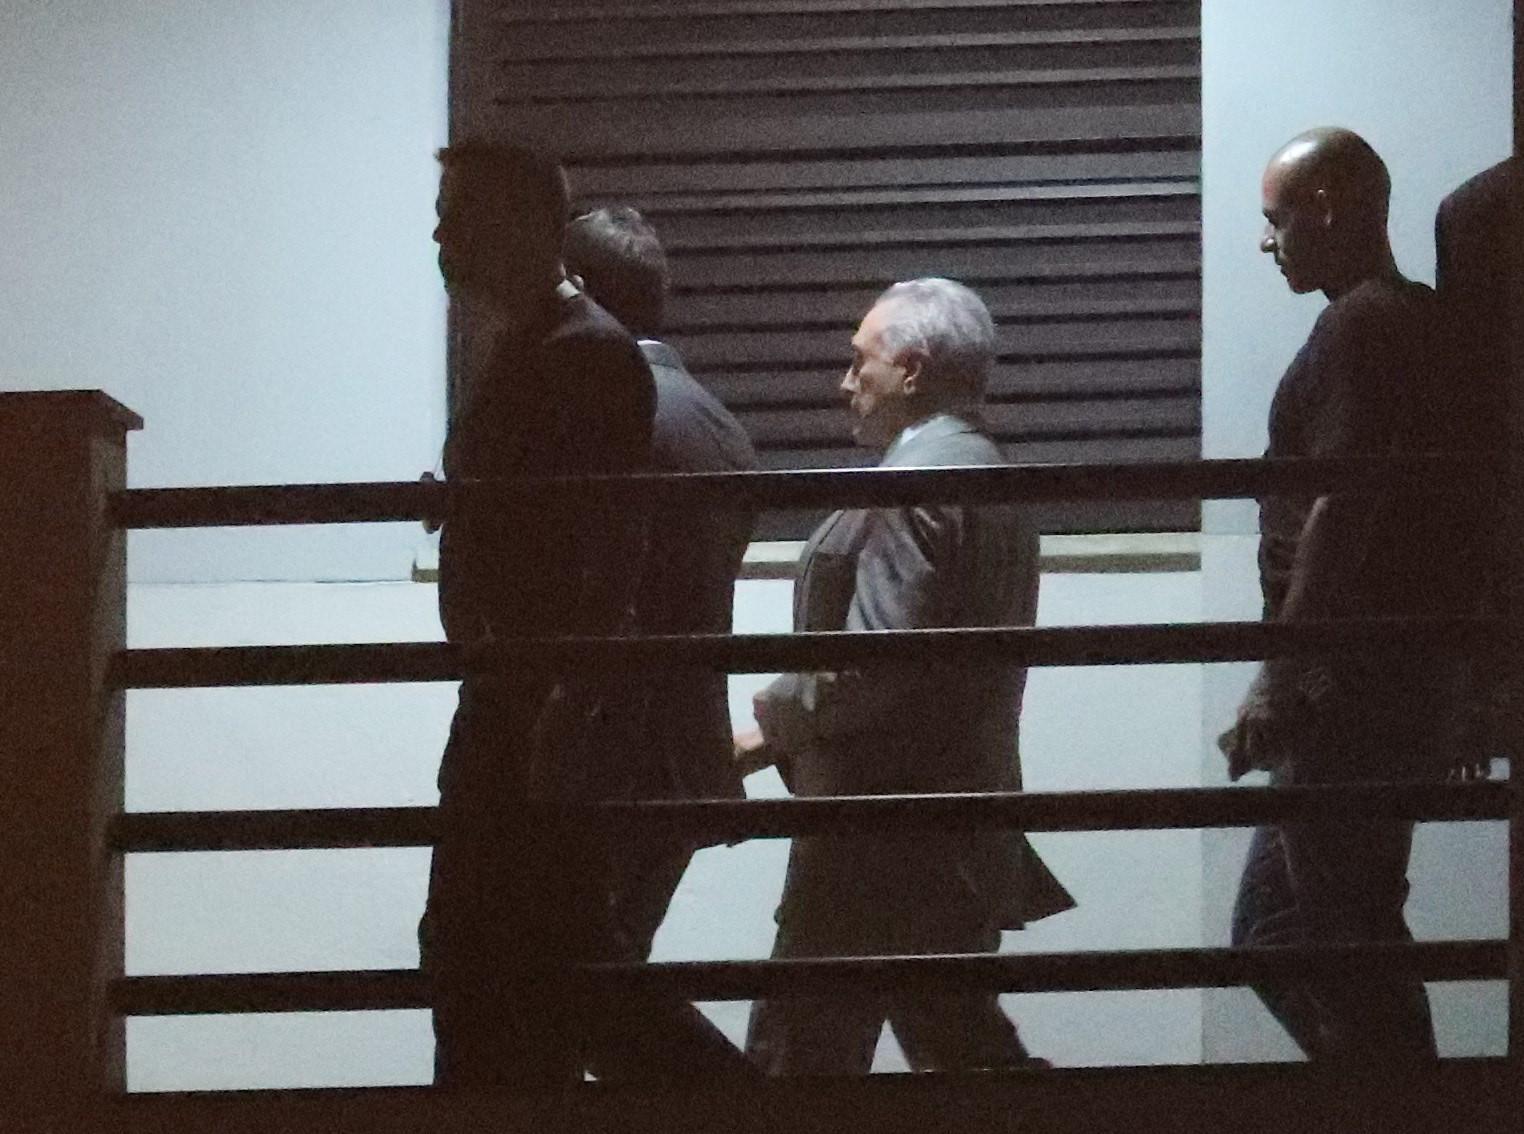 Ex-presidente brasileiro em silêncio durante interrogatório policial